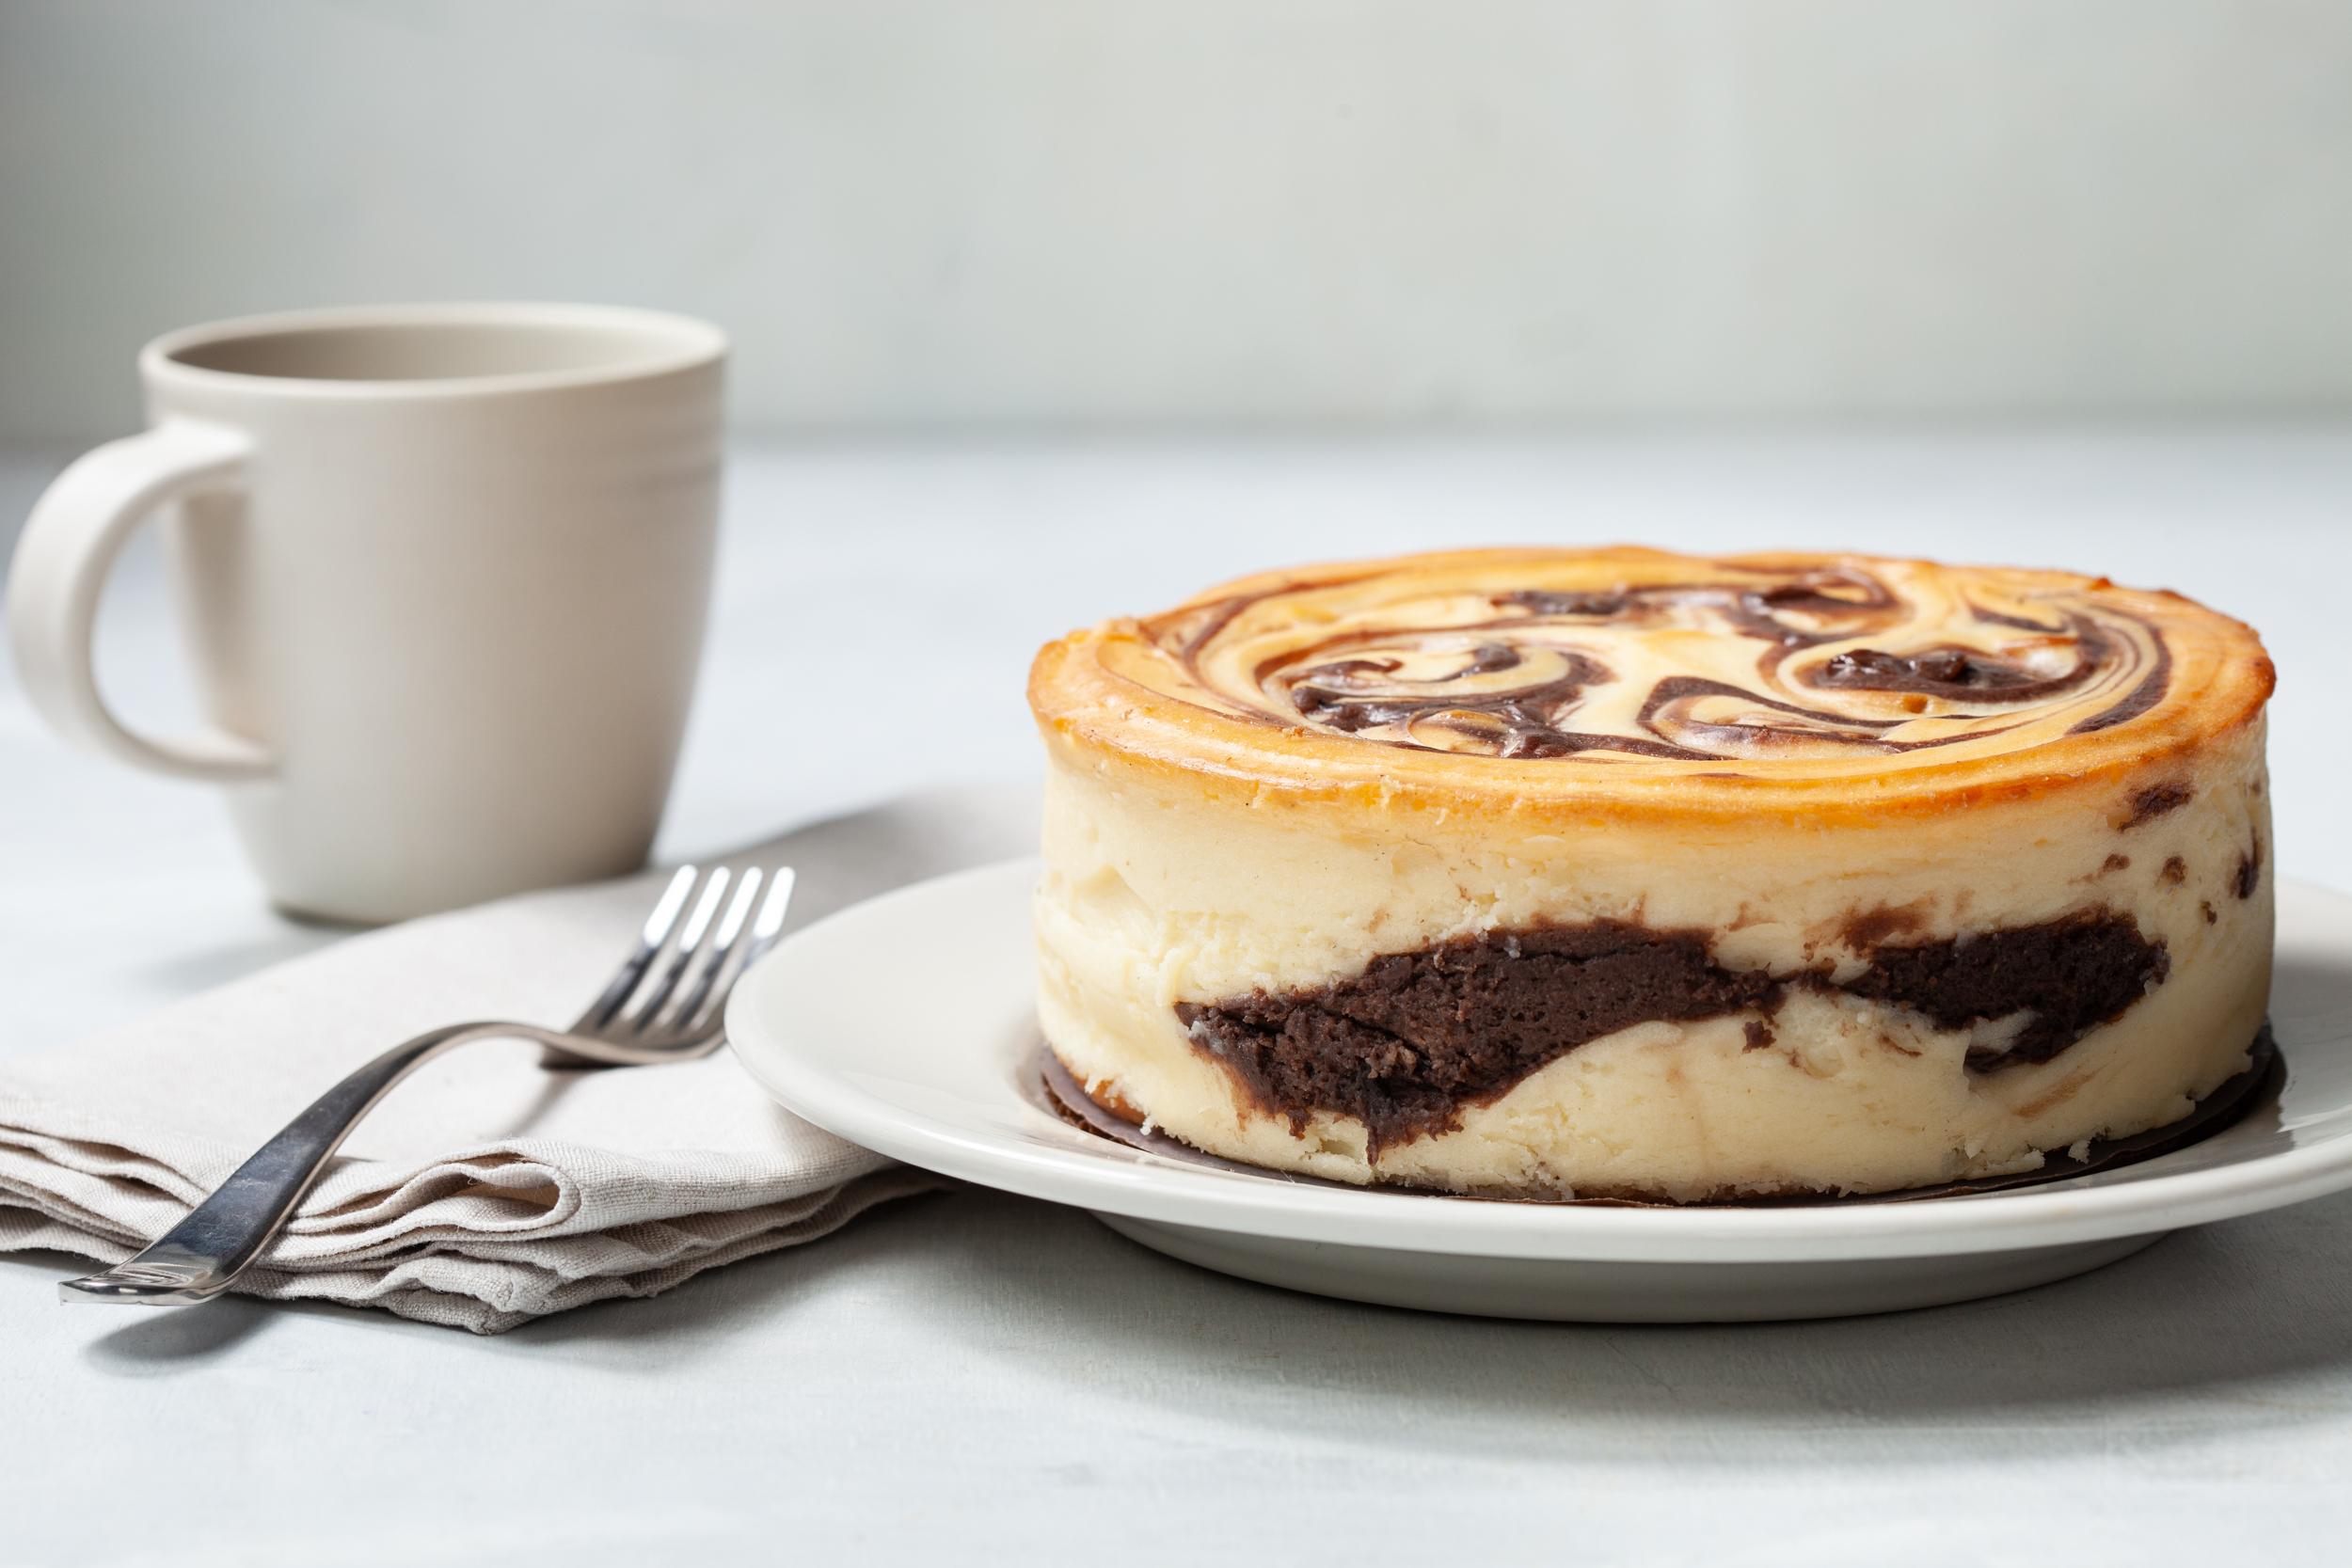 CheesecakeMarble.jpg